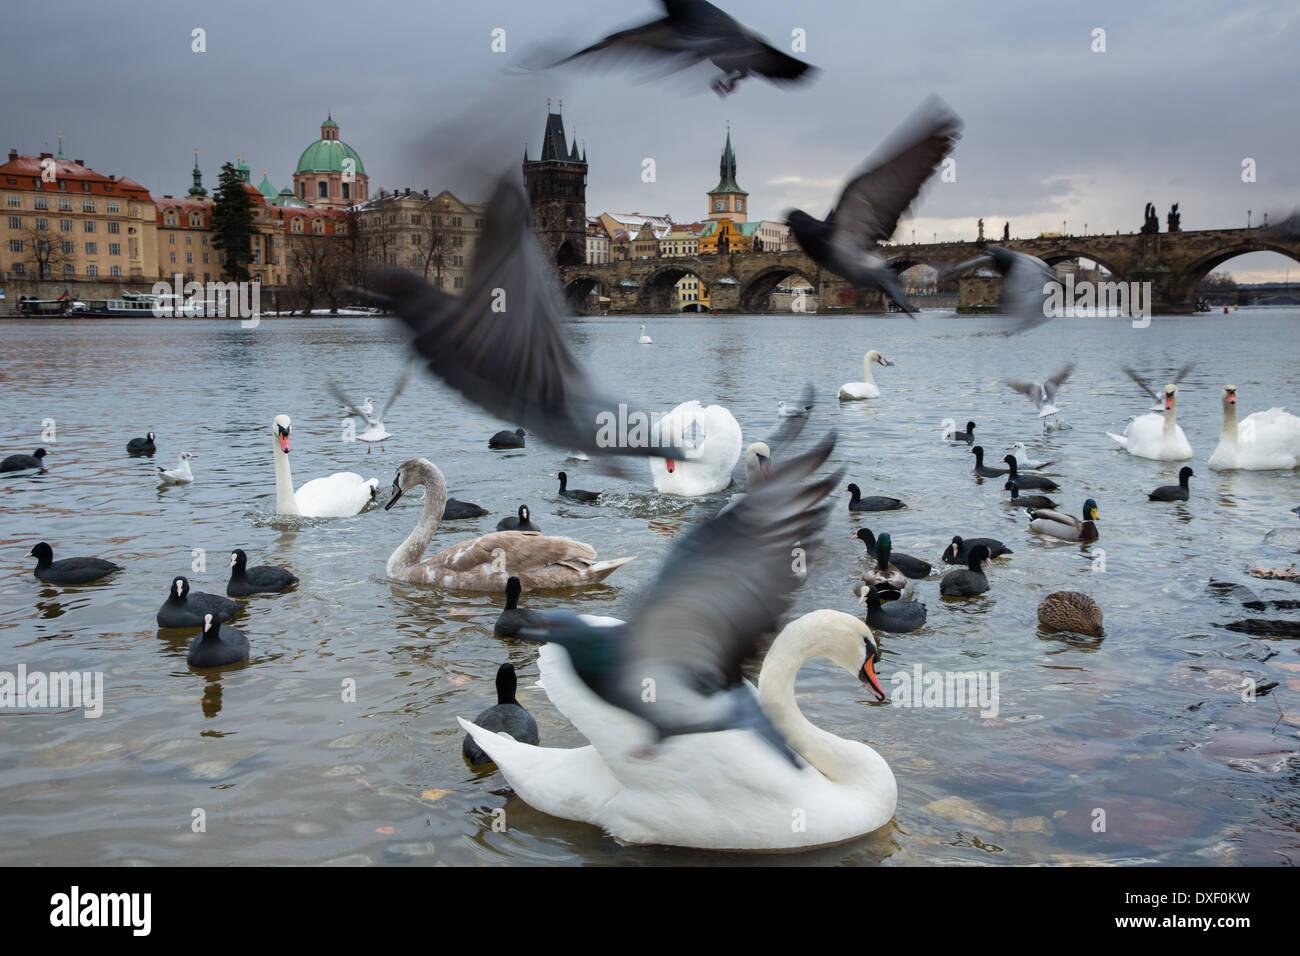 Les cygnes et les goélands sur la Vltava avec au-delà du pont Charles, Prague, République Tchèque Photo Stock